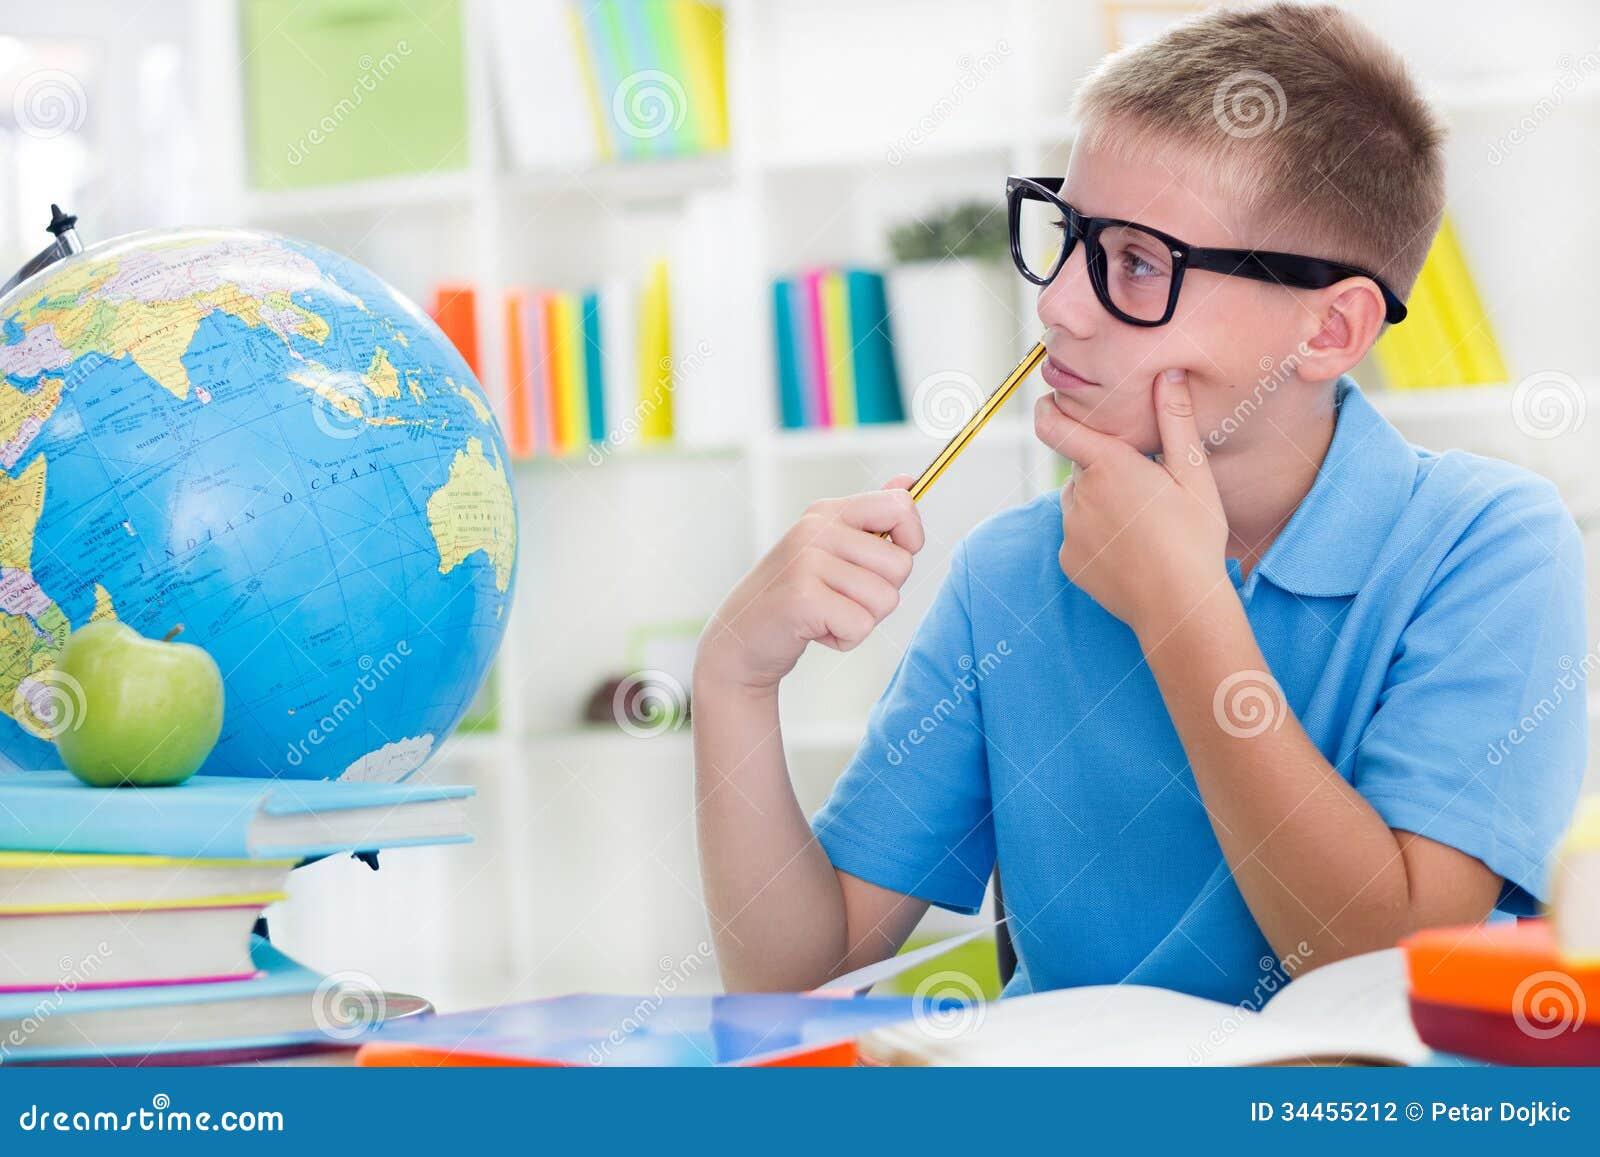 Weinig jongen over de wereld bestuderen, en thinkig iets die